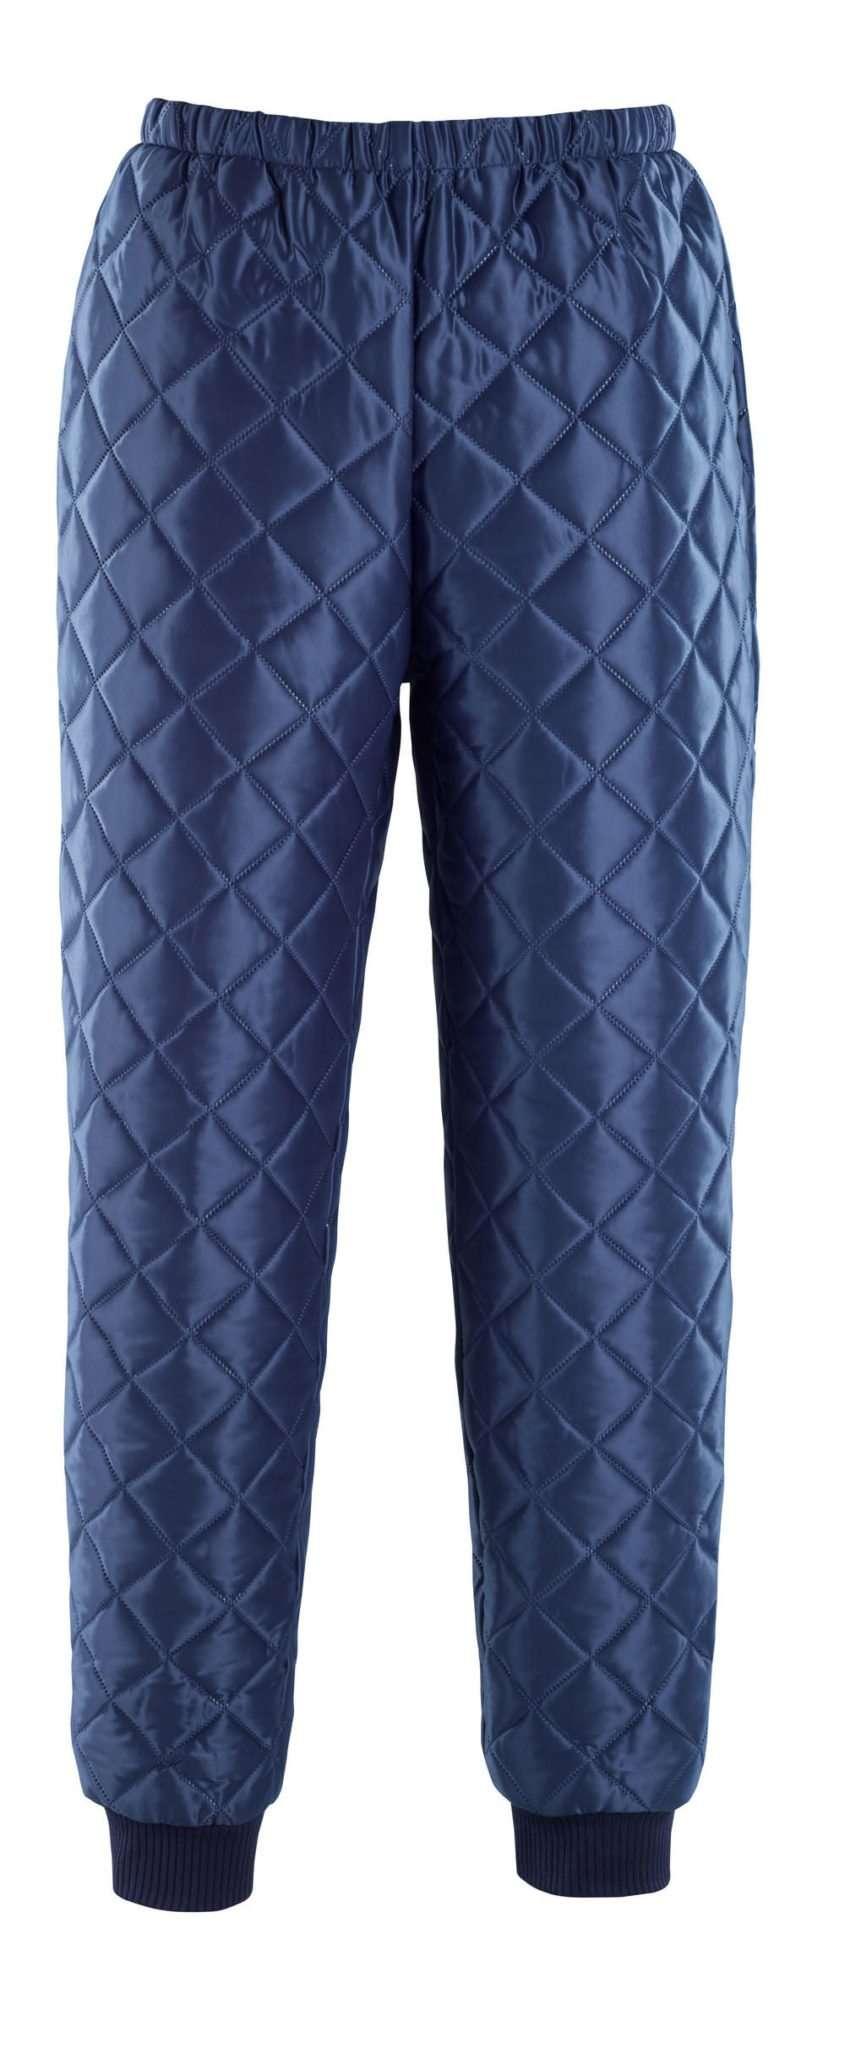 Mascot® Huntsville Thermal Trousers